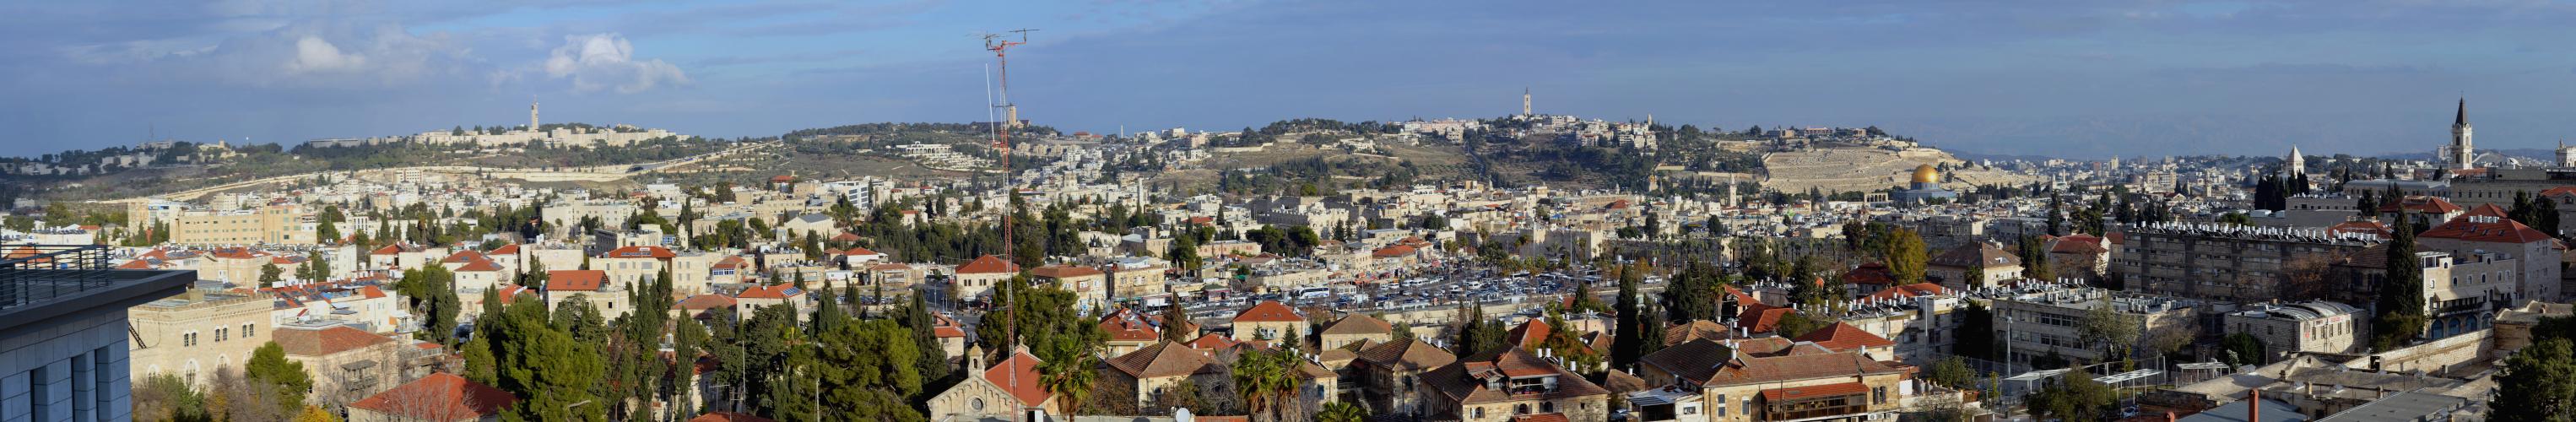 Vue sur la vieille ville et le mont des oliviers